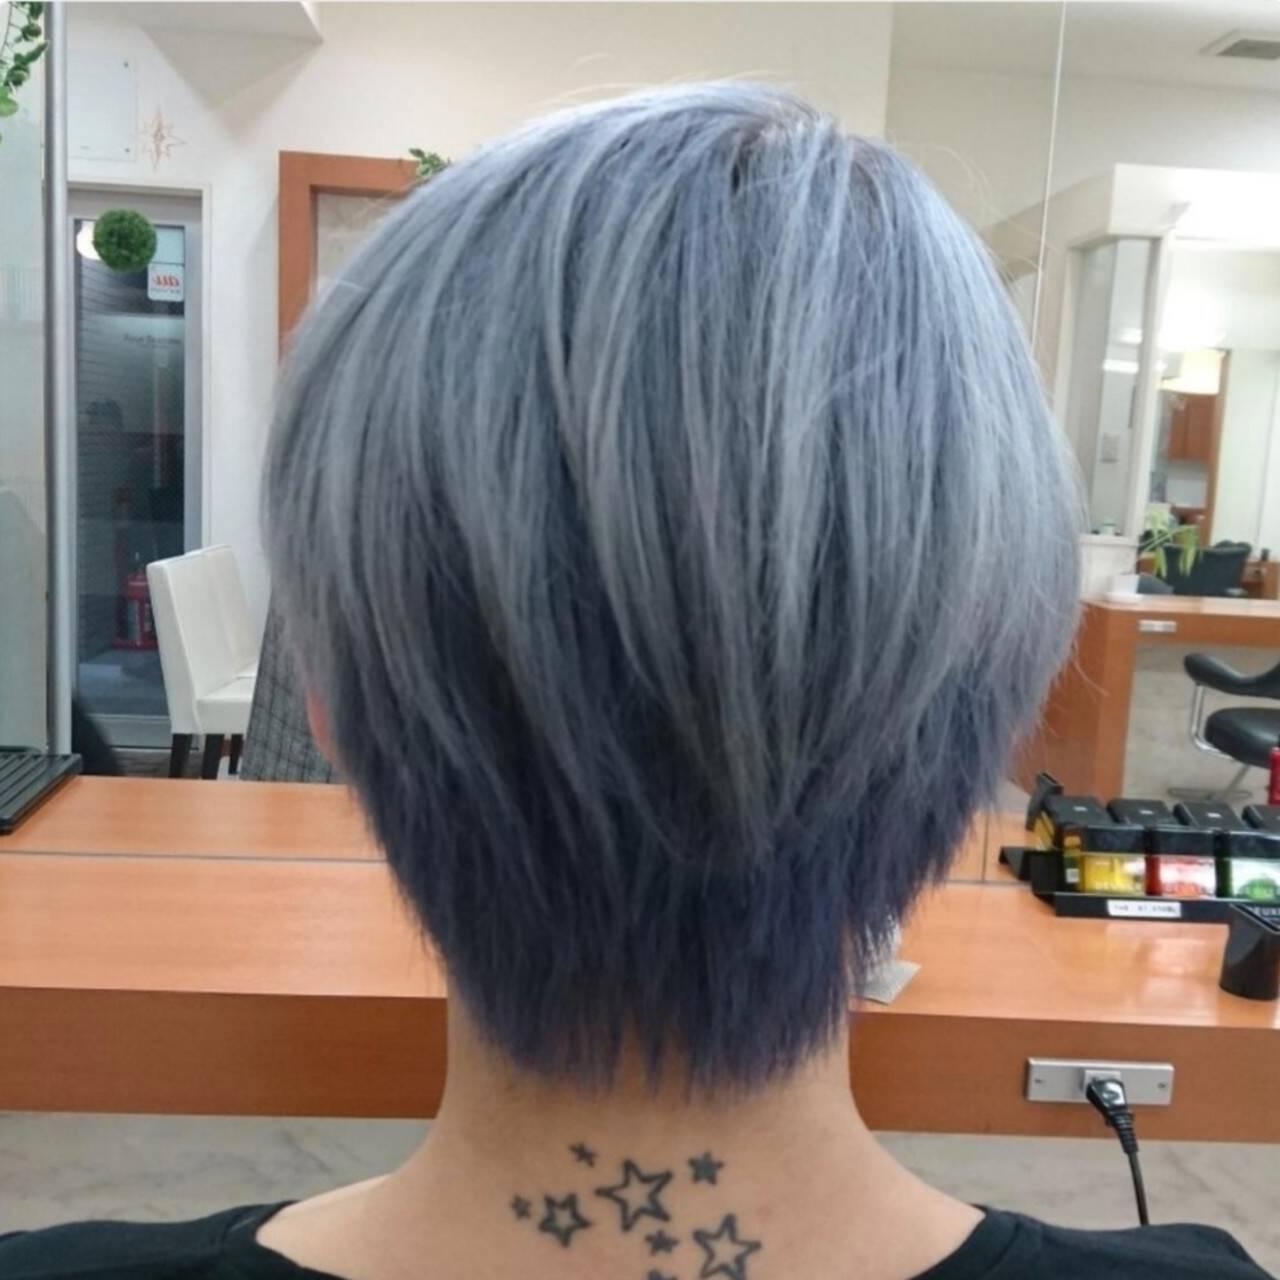 シルバー ブルー ハイトーン ショートヘアスタイルや髪型の写真・画像